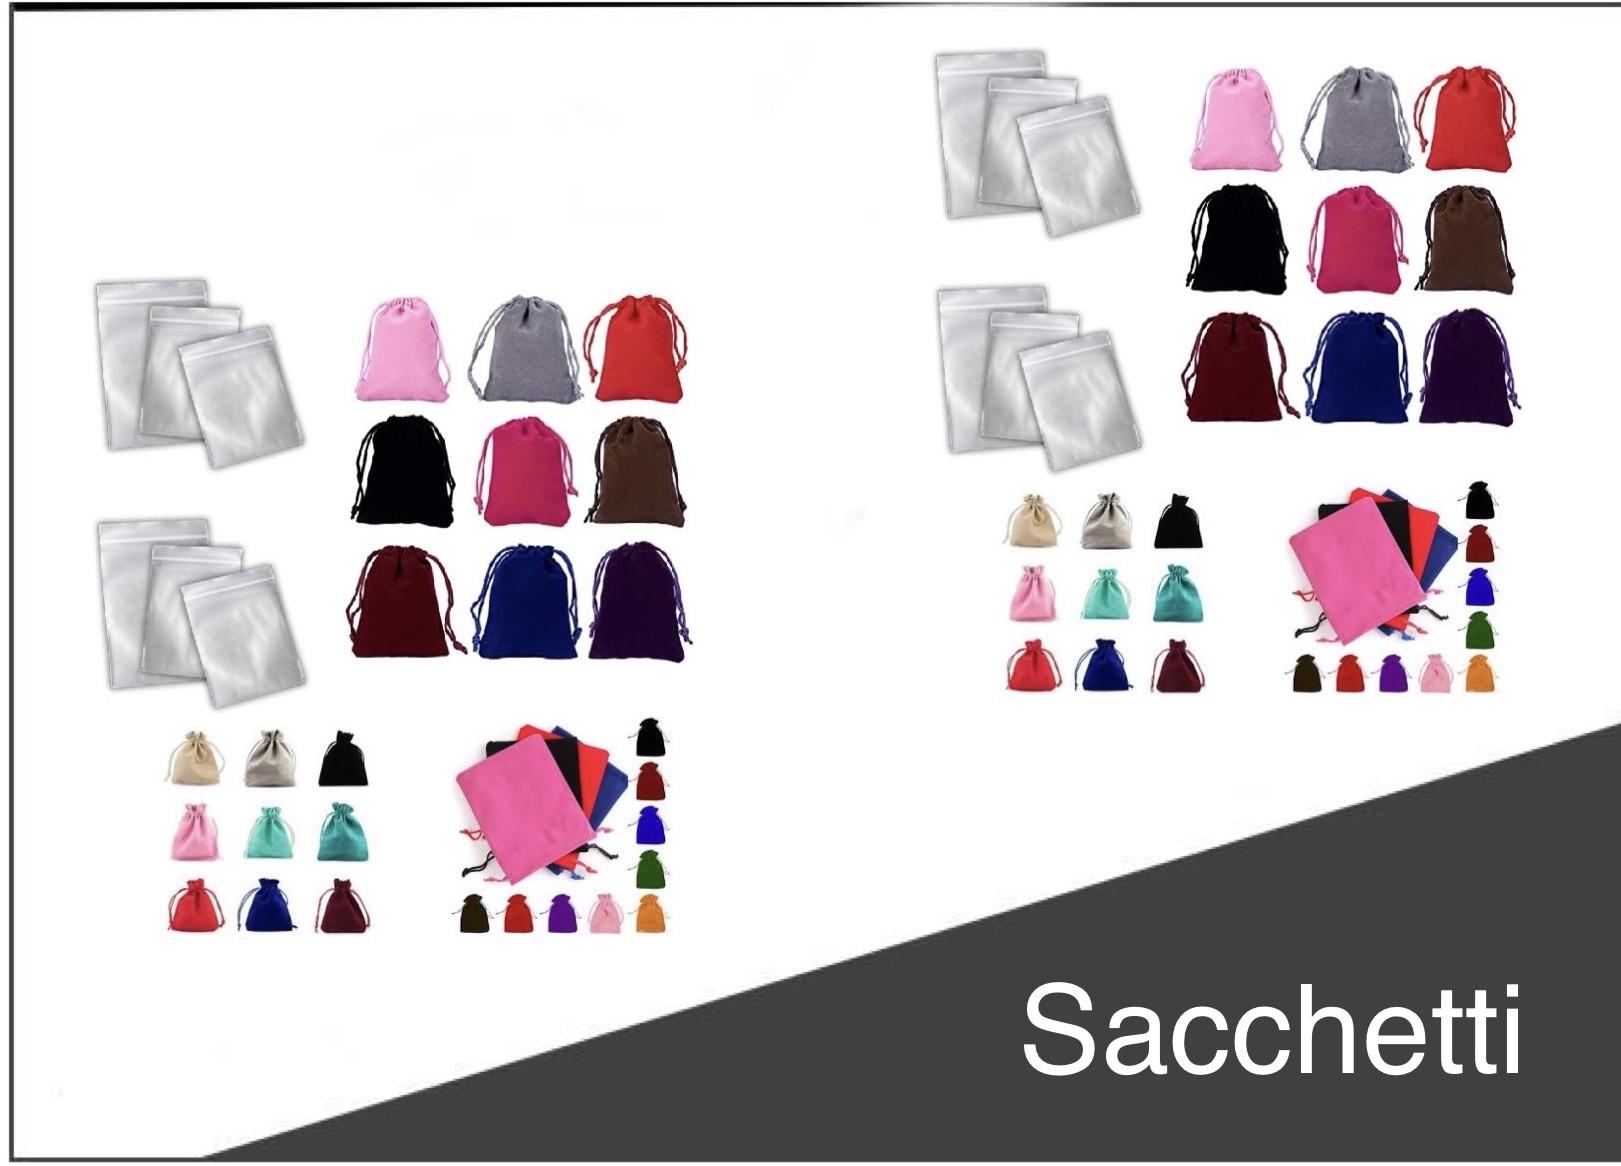 Sacchetti - Altro